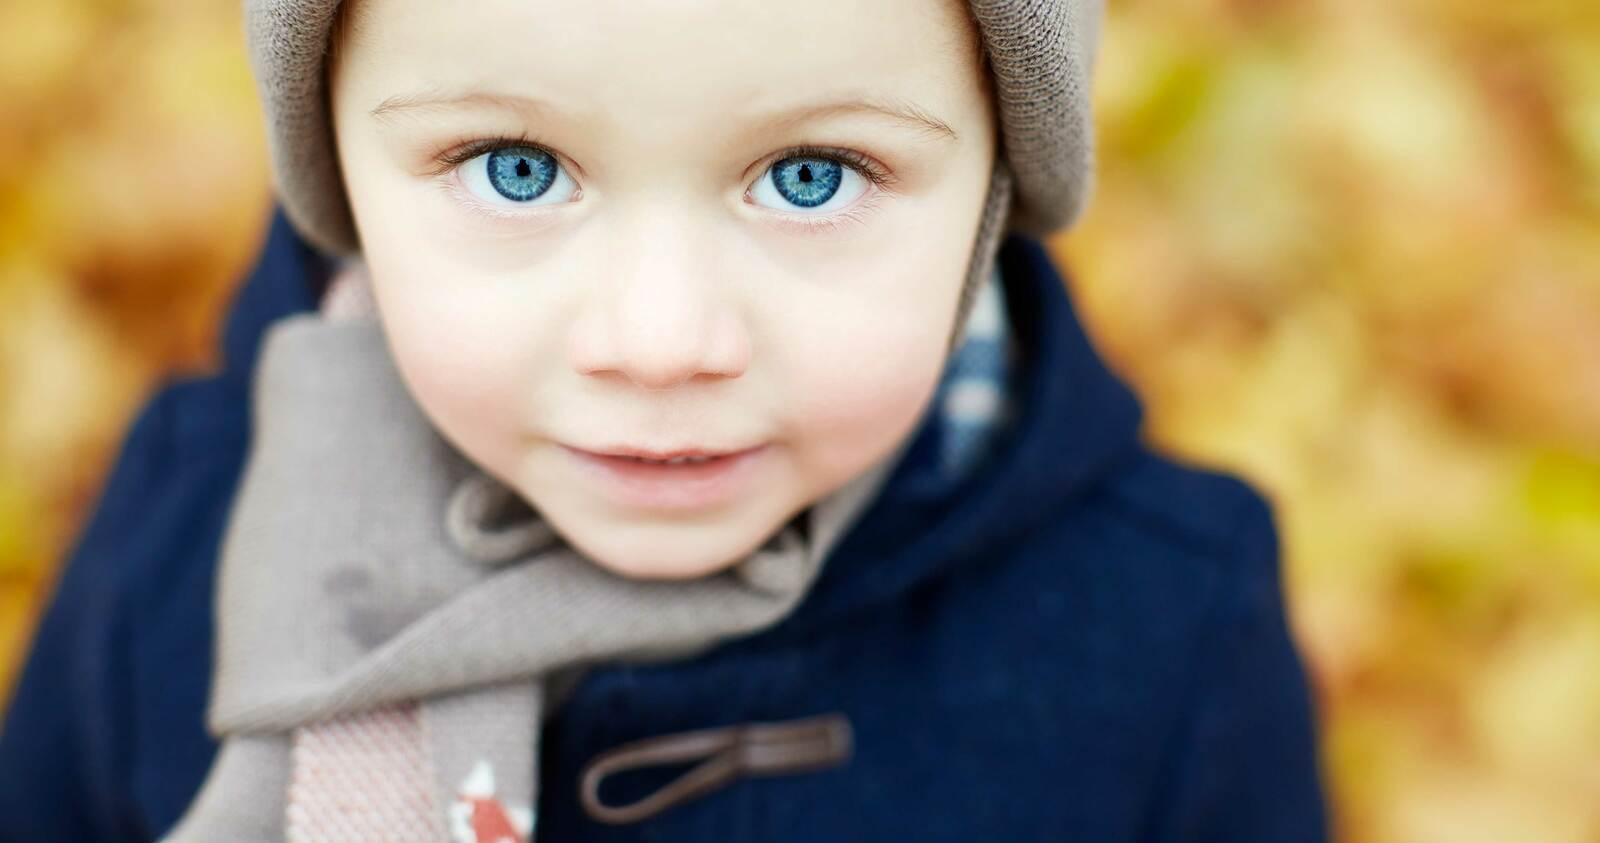 Ein kleiner Junge mit blauen Augen im Herbst